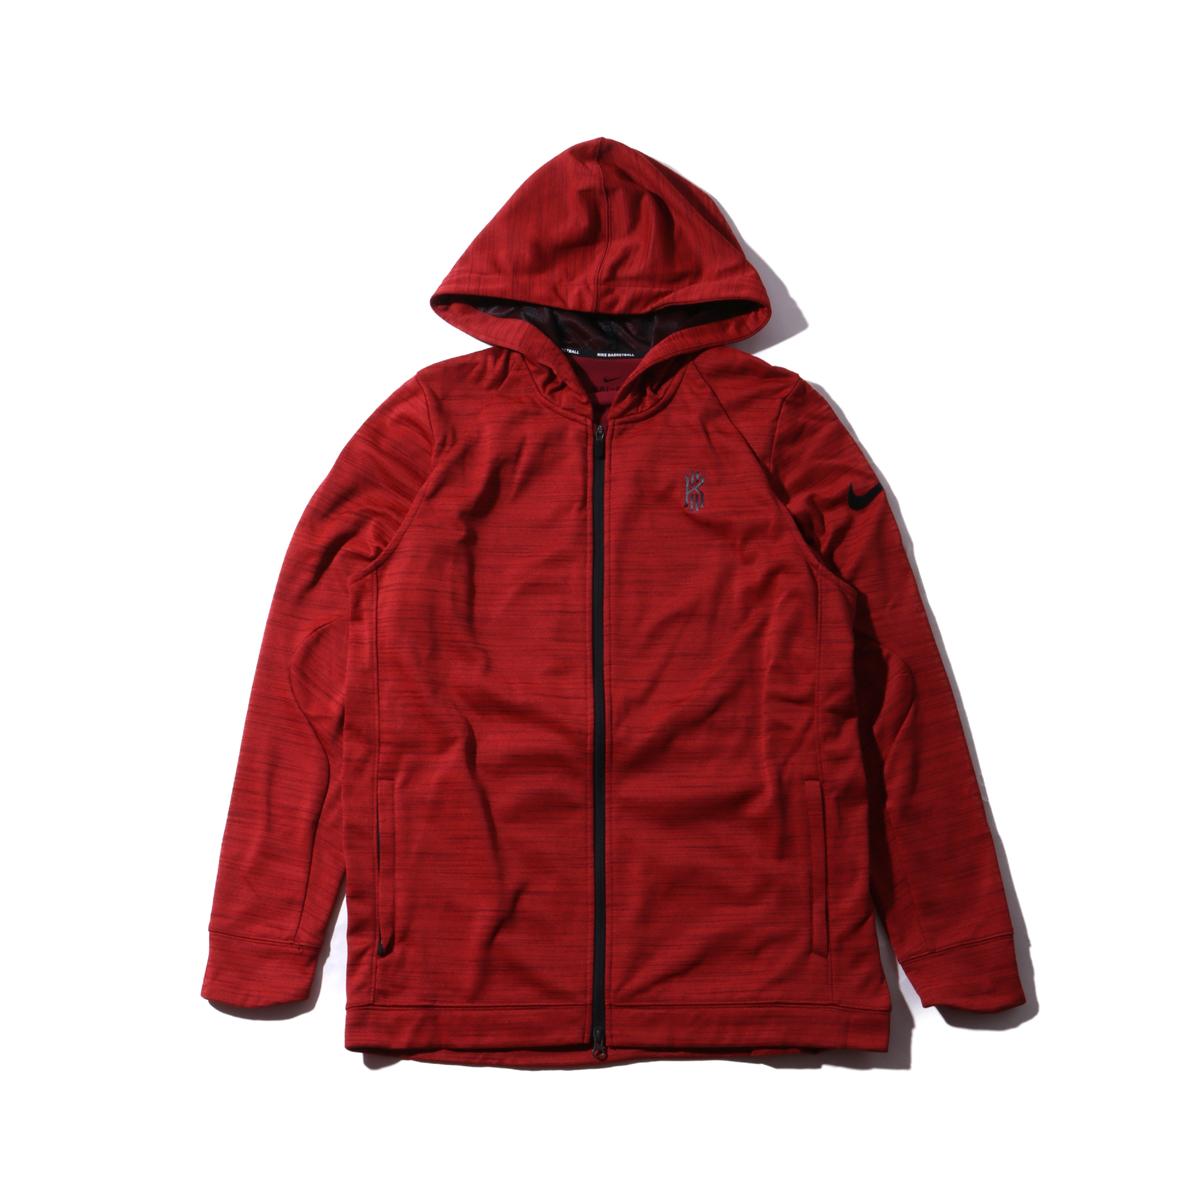 NIKE KYRIE M NK THRMA JKT HD HPRELT(RED)(ナイキ カイリー ハイパーエリート フーディ ジャケット)【メンズ】【ジャケット】【17SP-I】